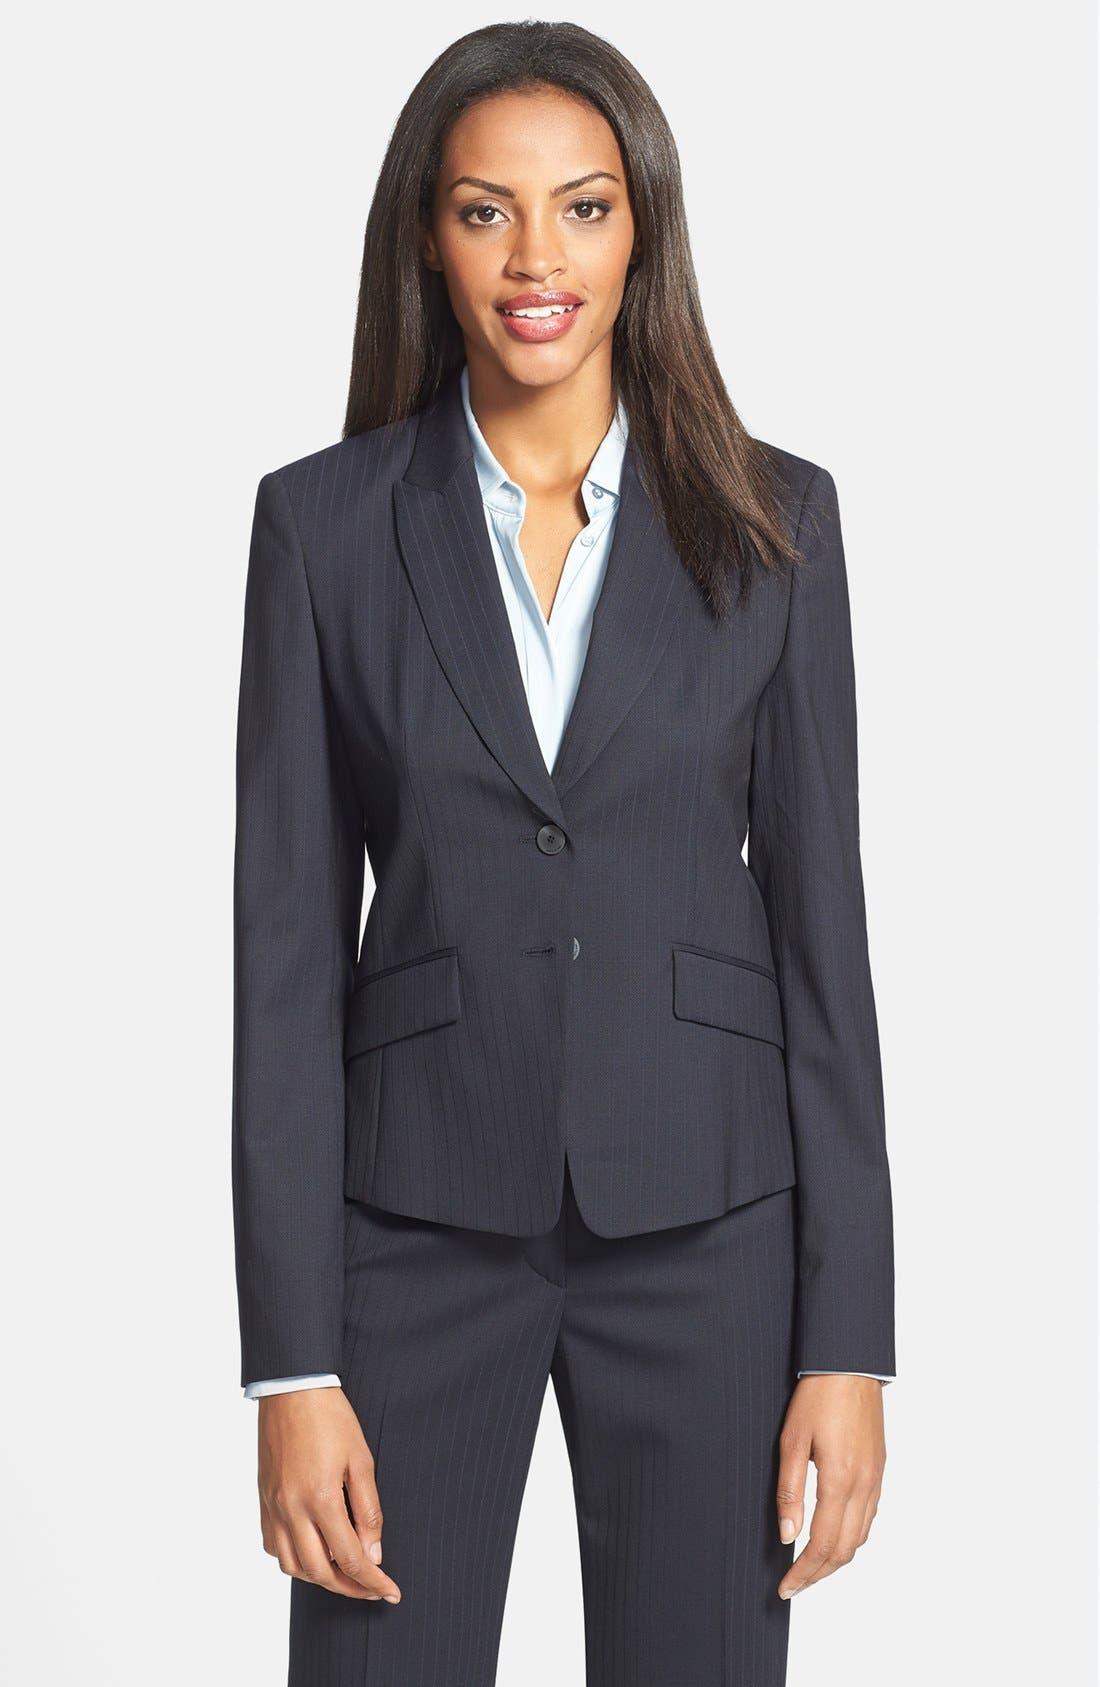 Main Image - BOSS HUGO BOSS 'Juljanella 1' Two-Button Pinstripe Jacket